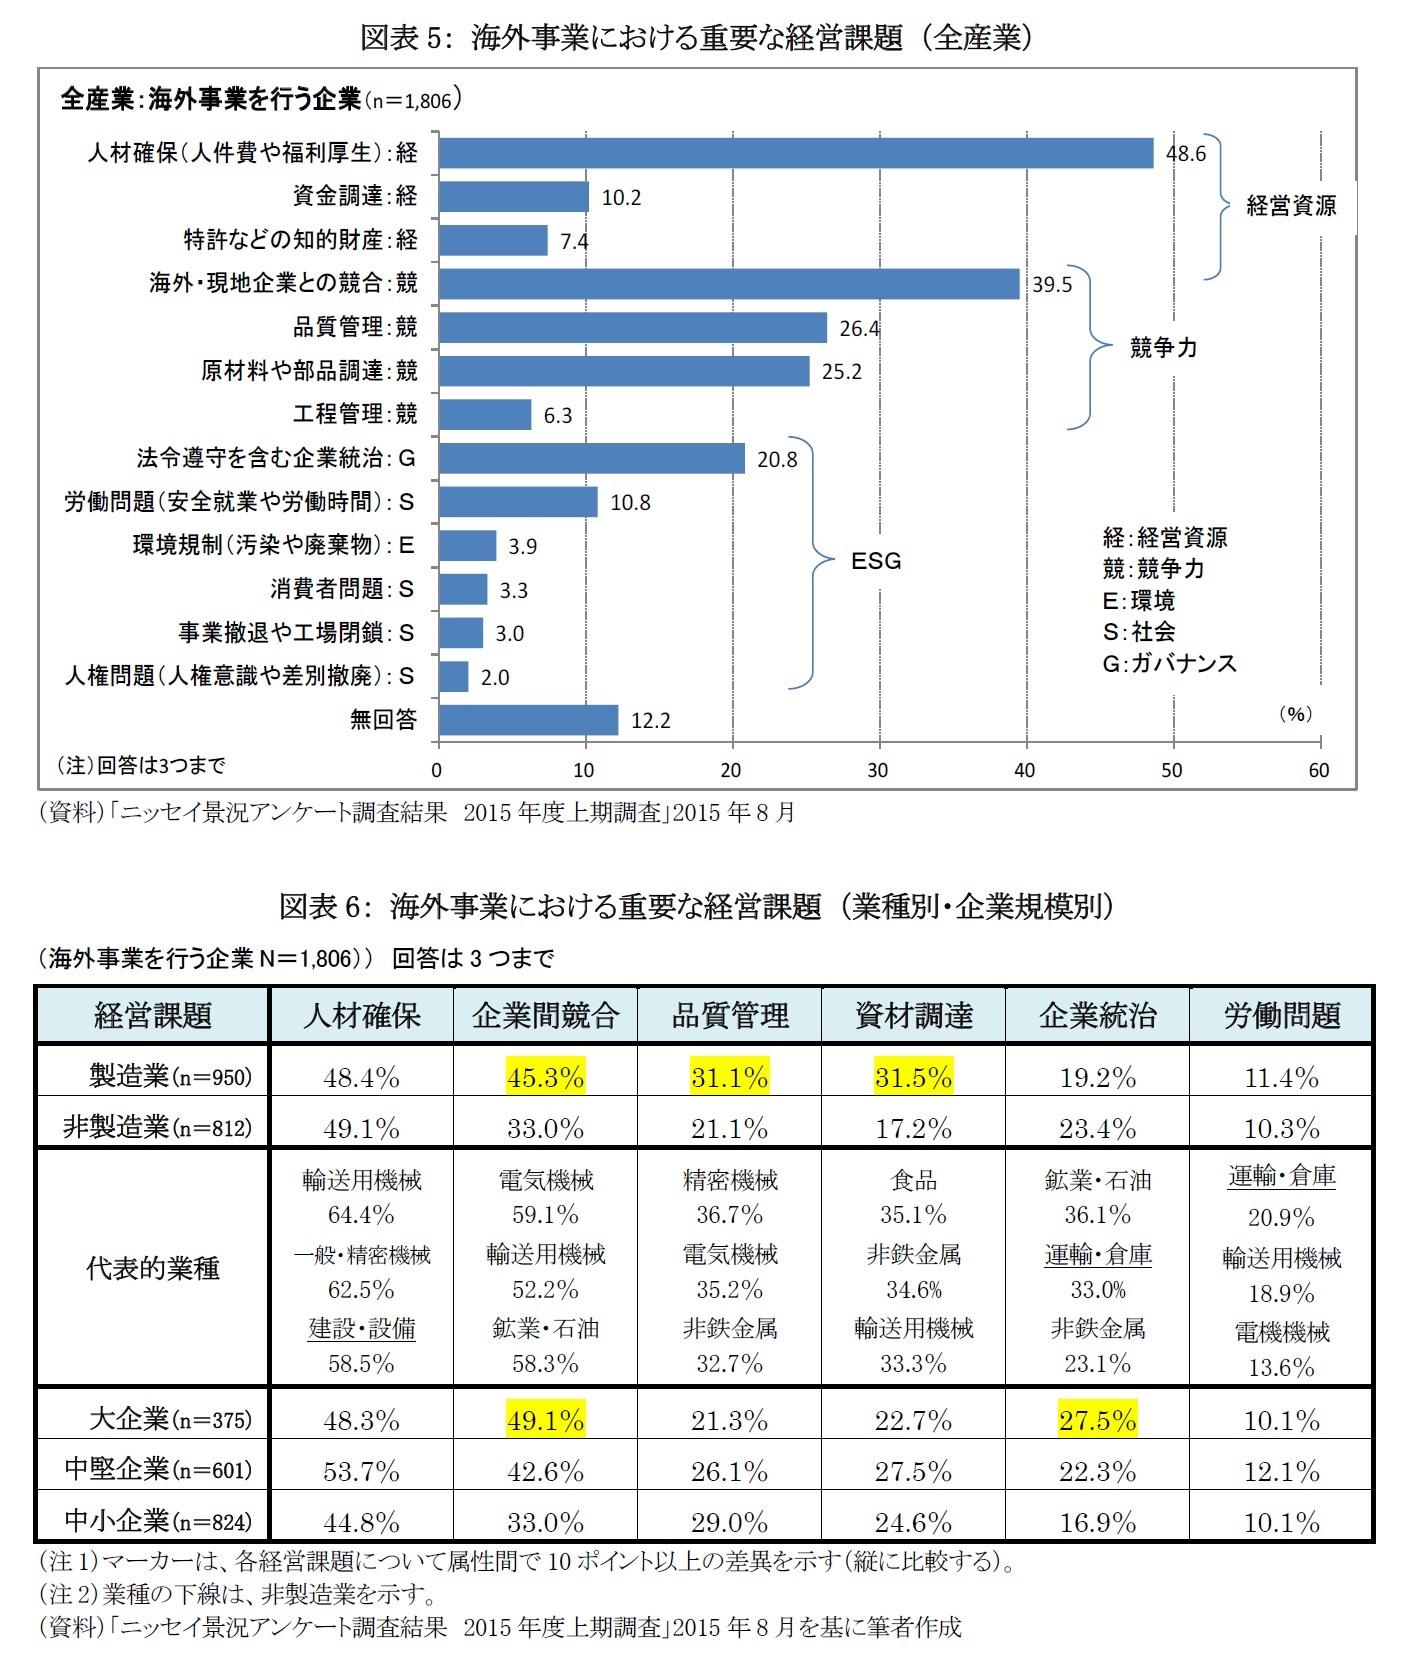 図表5: 海外事業における重要な経営課題 (全産業)/図表6: 海外事業における重要な経営課題 (業種別・企業規模別)